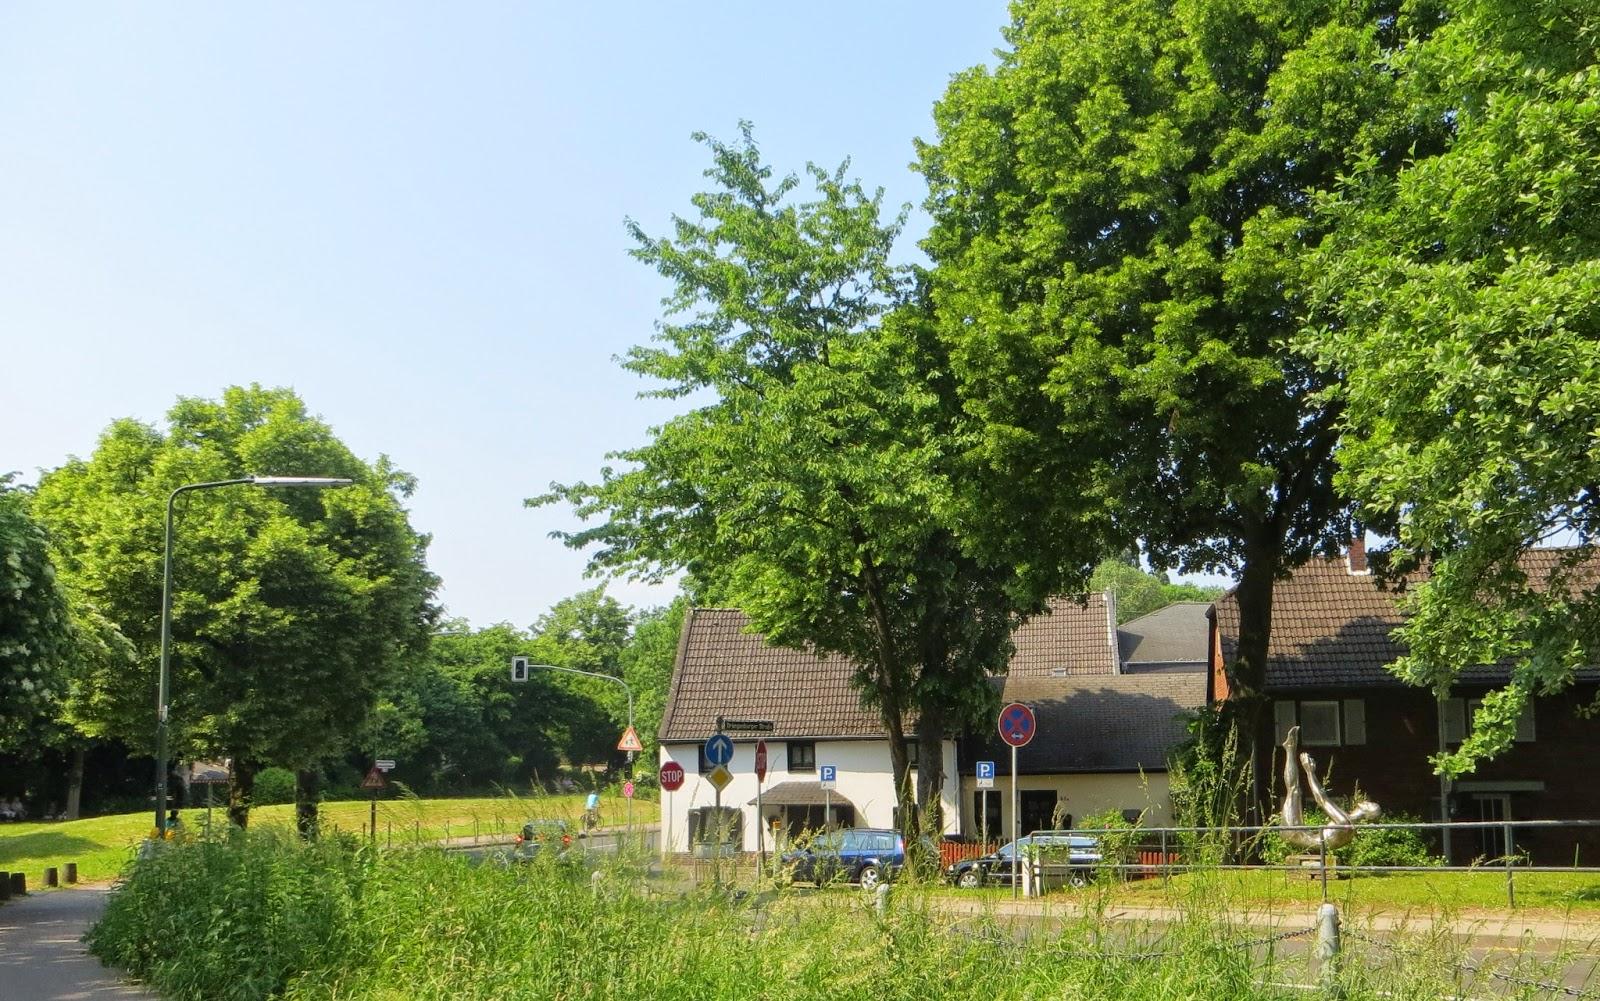 Bambus Gartenmobel Garten : Düsseldorf und Umgebung in Bildern Düsseldorf Urdenbach